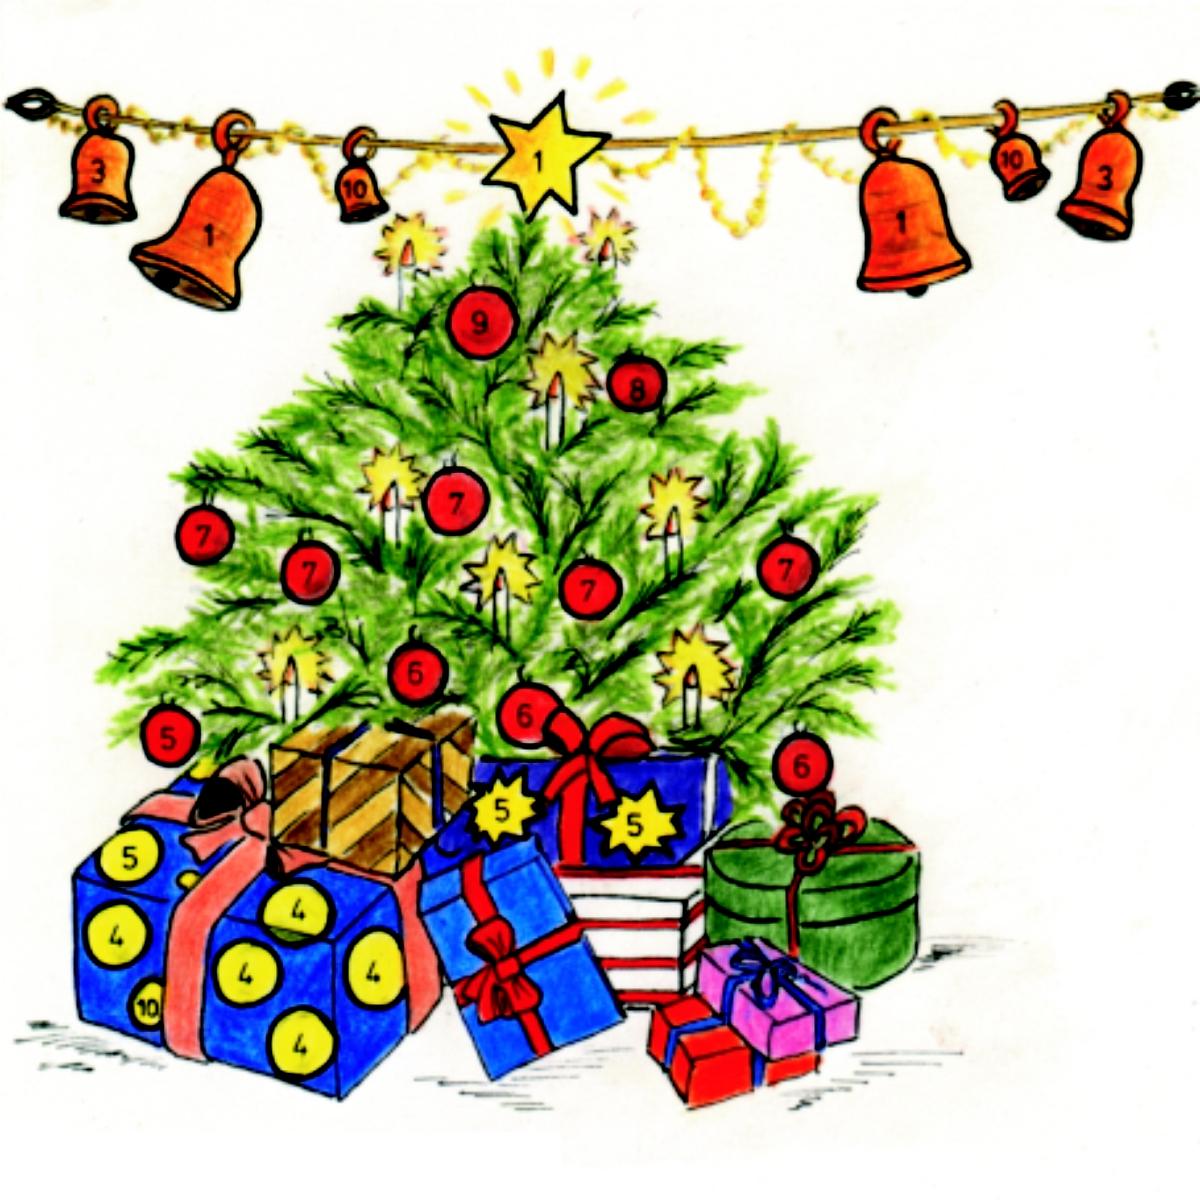 schie scheiben shop weihnachtsbaum scheibe einfach. Black Bedroom Furniture Sets. Home Design Ideas